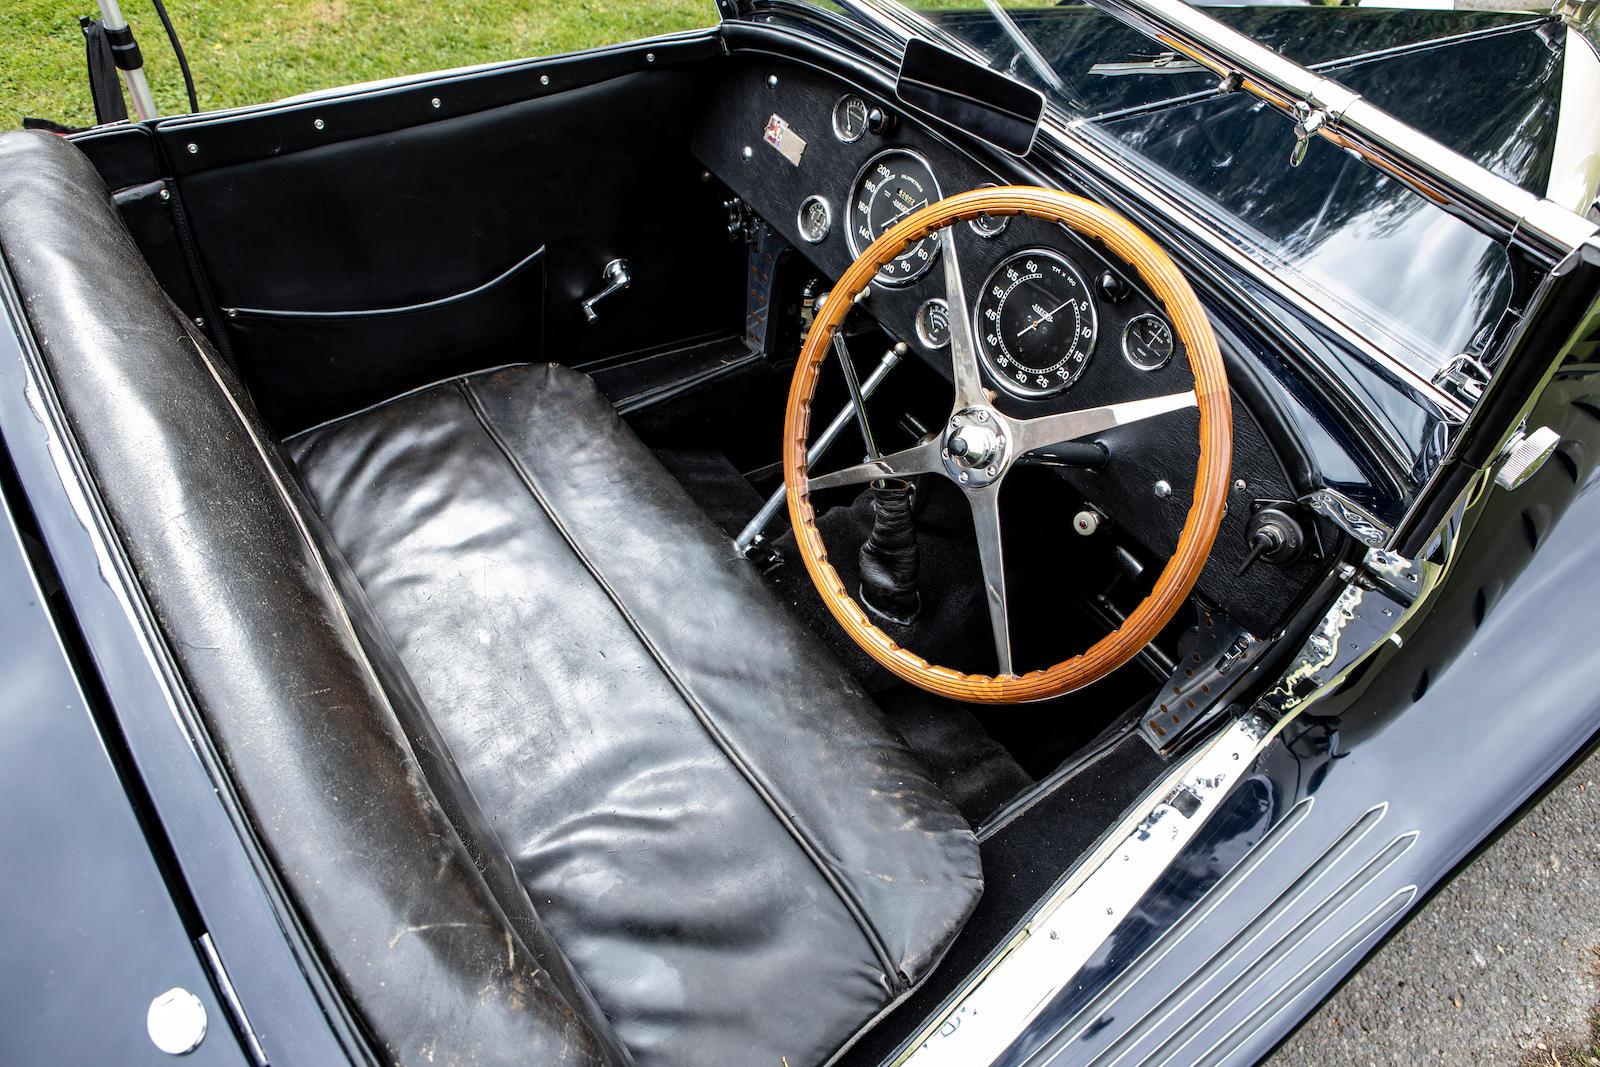 1931 Bugatti Type 55 Figoni interior cockpit